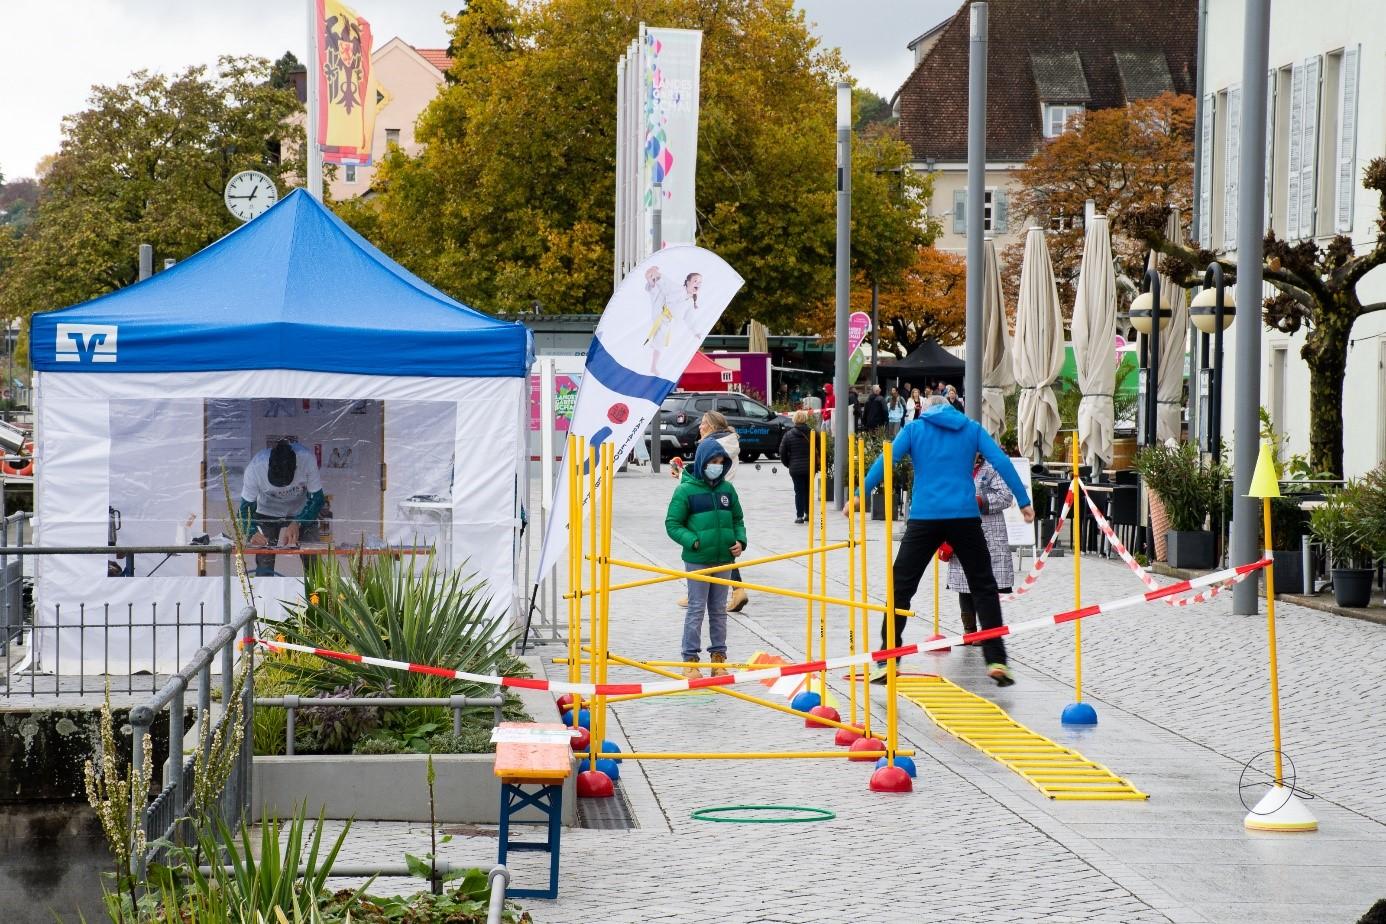 Kinderolympiade in Überlingen